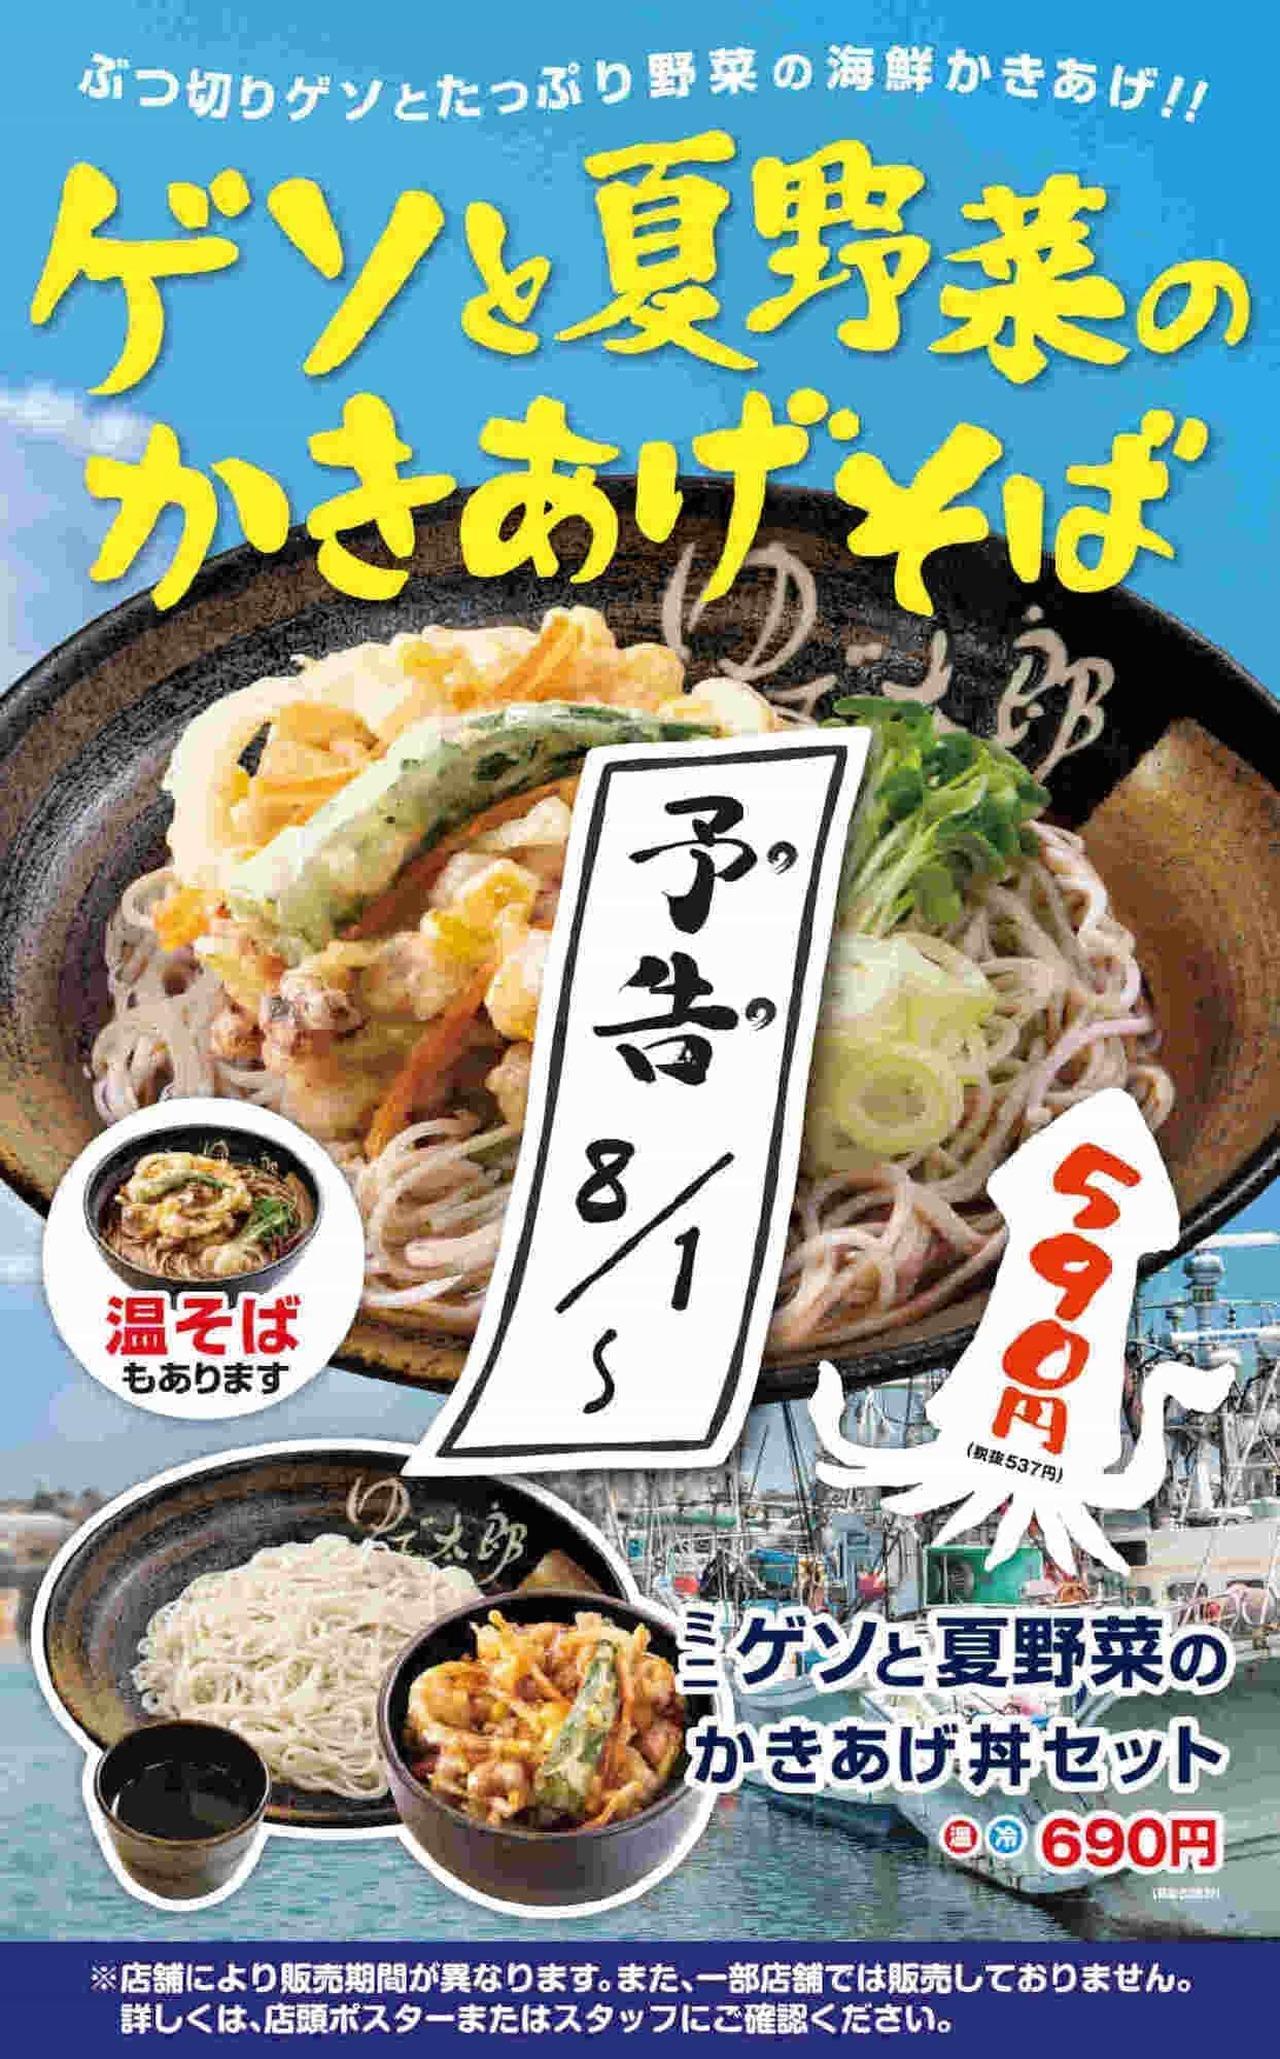 ゆで太郎「ゲソと夏野菜のかきあげそば」「ミニゲソと夏野菜のかきあげ丼セット」